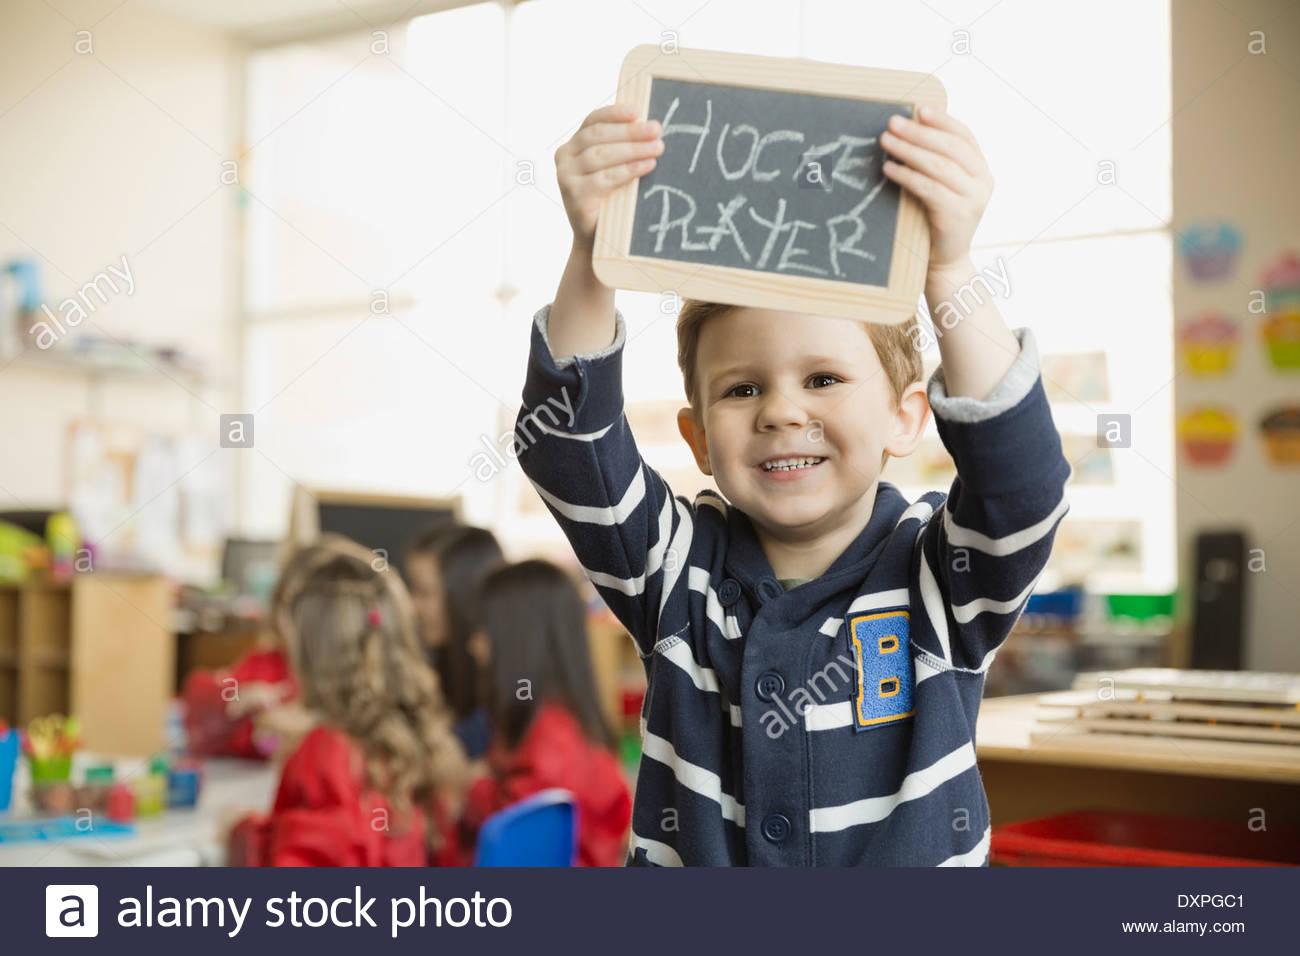 """Sonriente niño sosteniendo la pizarra con 'jugador de hockey"""" escrito en él Imagen De Stock"""